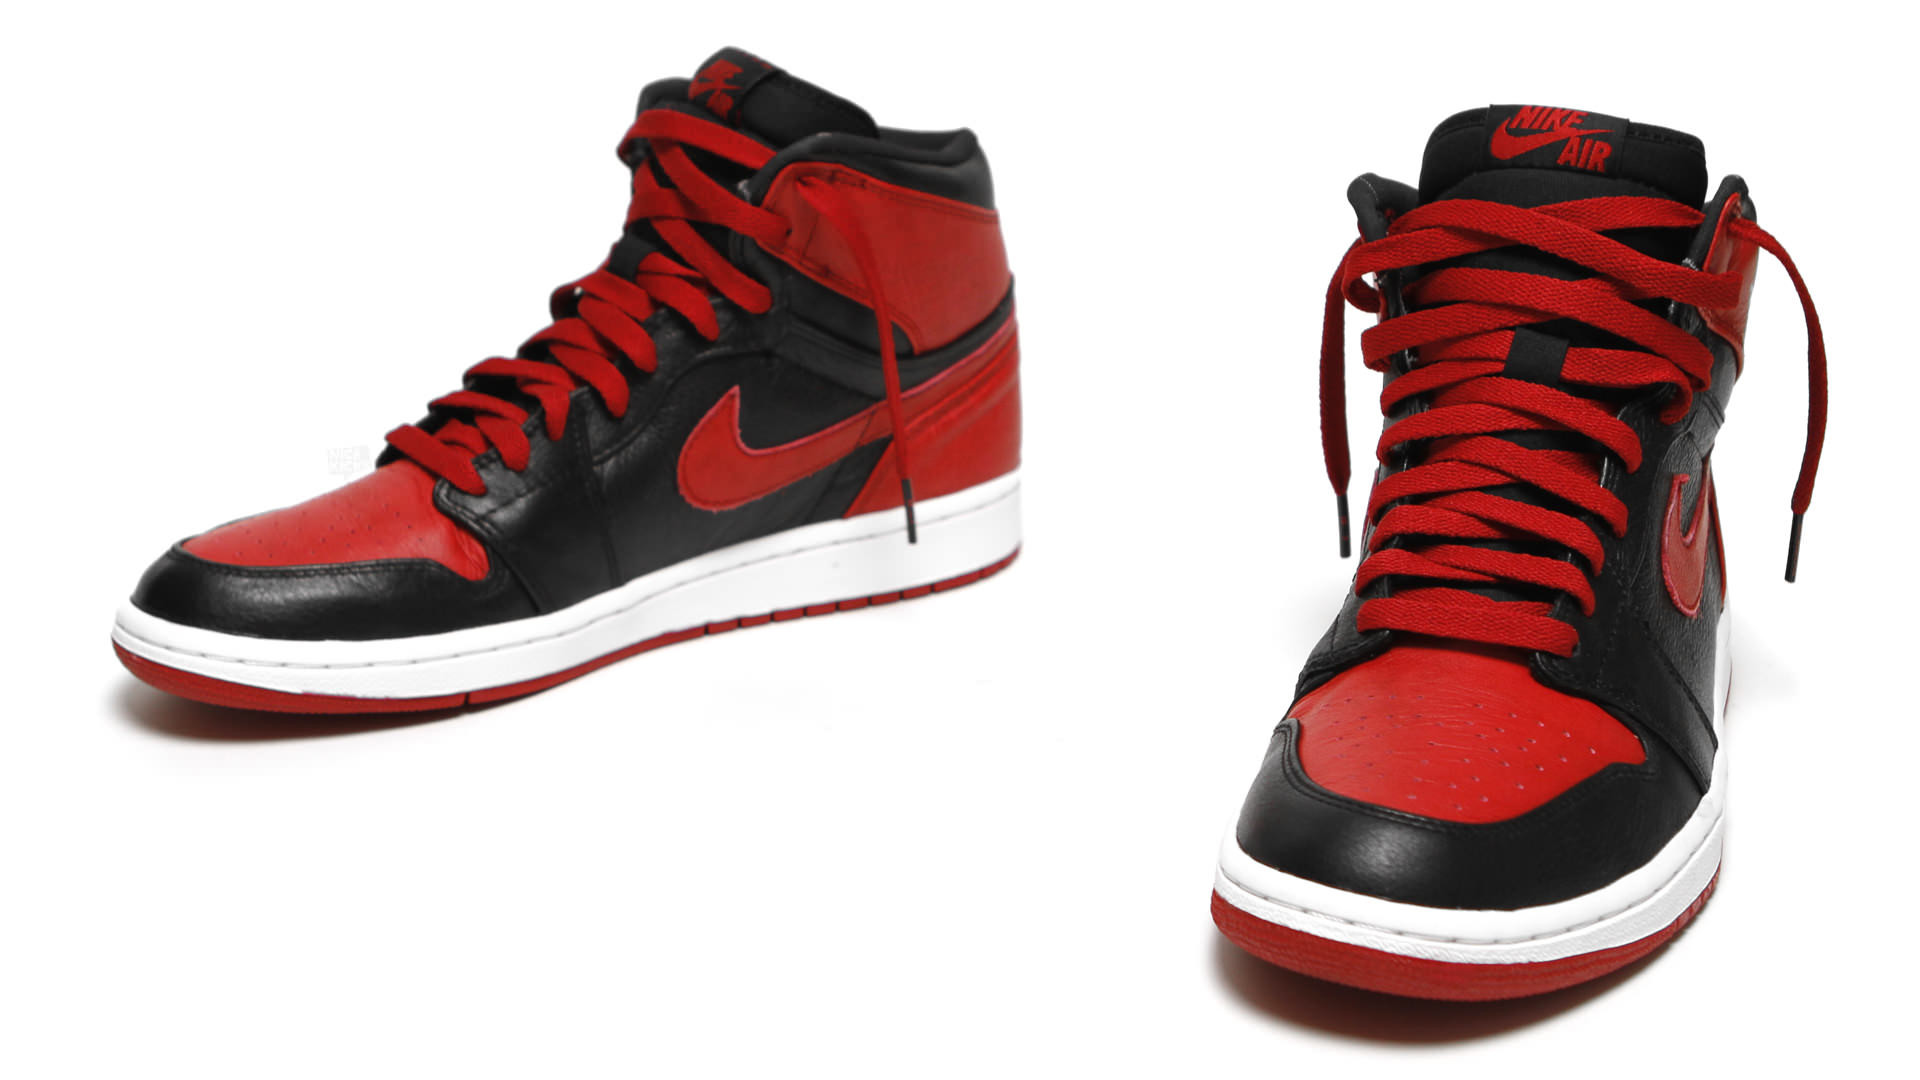 Nike Air Jordan Wallpaper ·① WallpaperTag